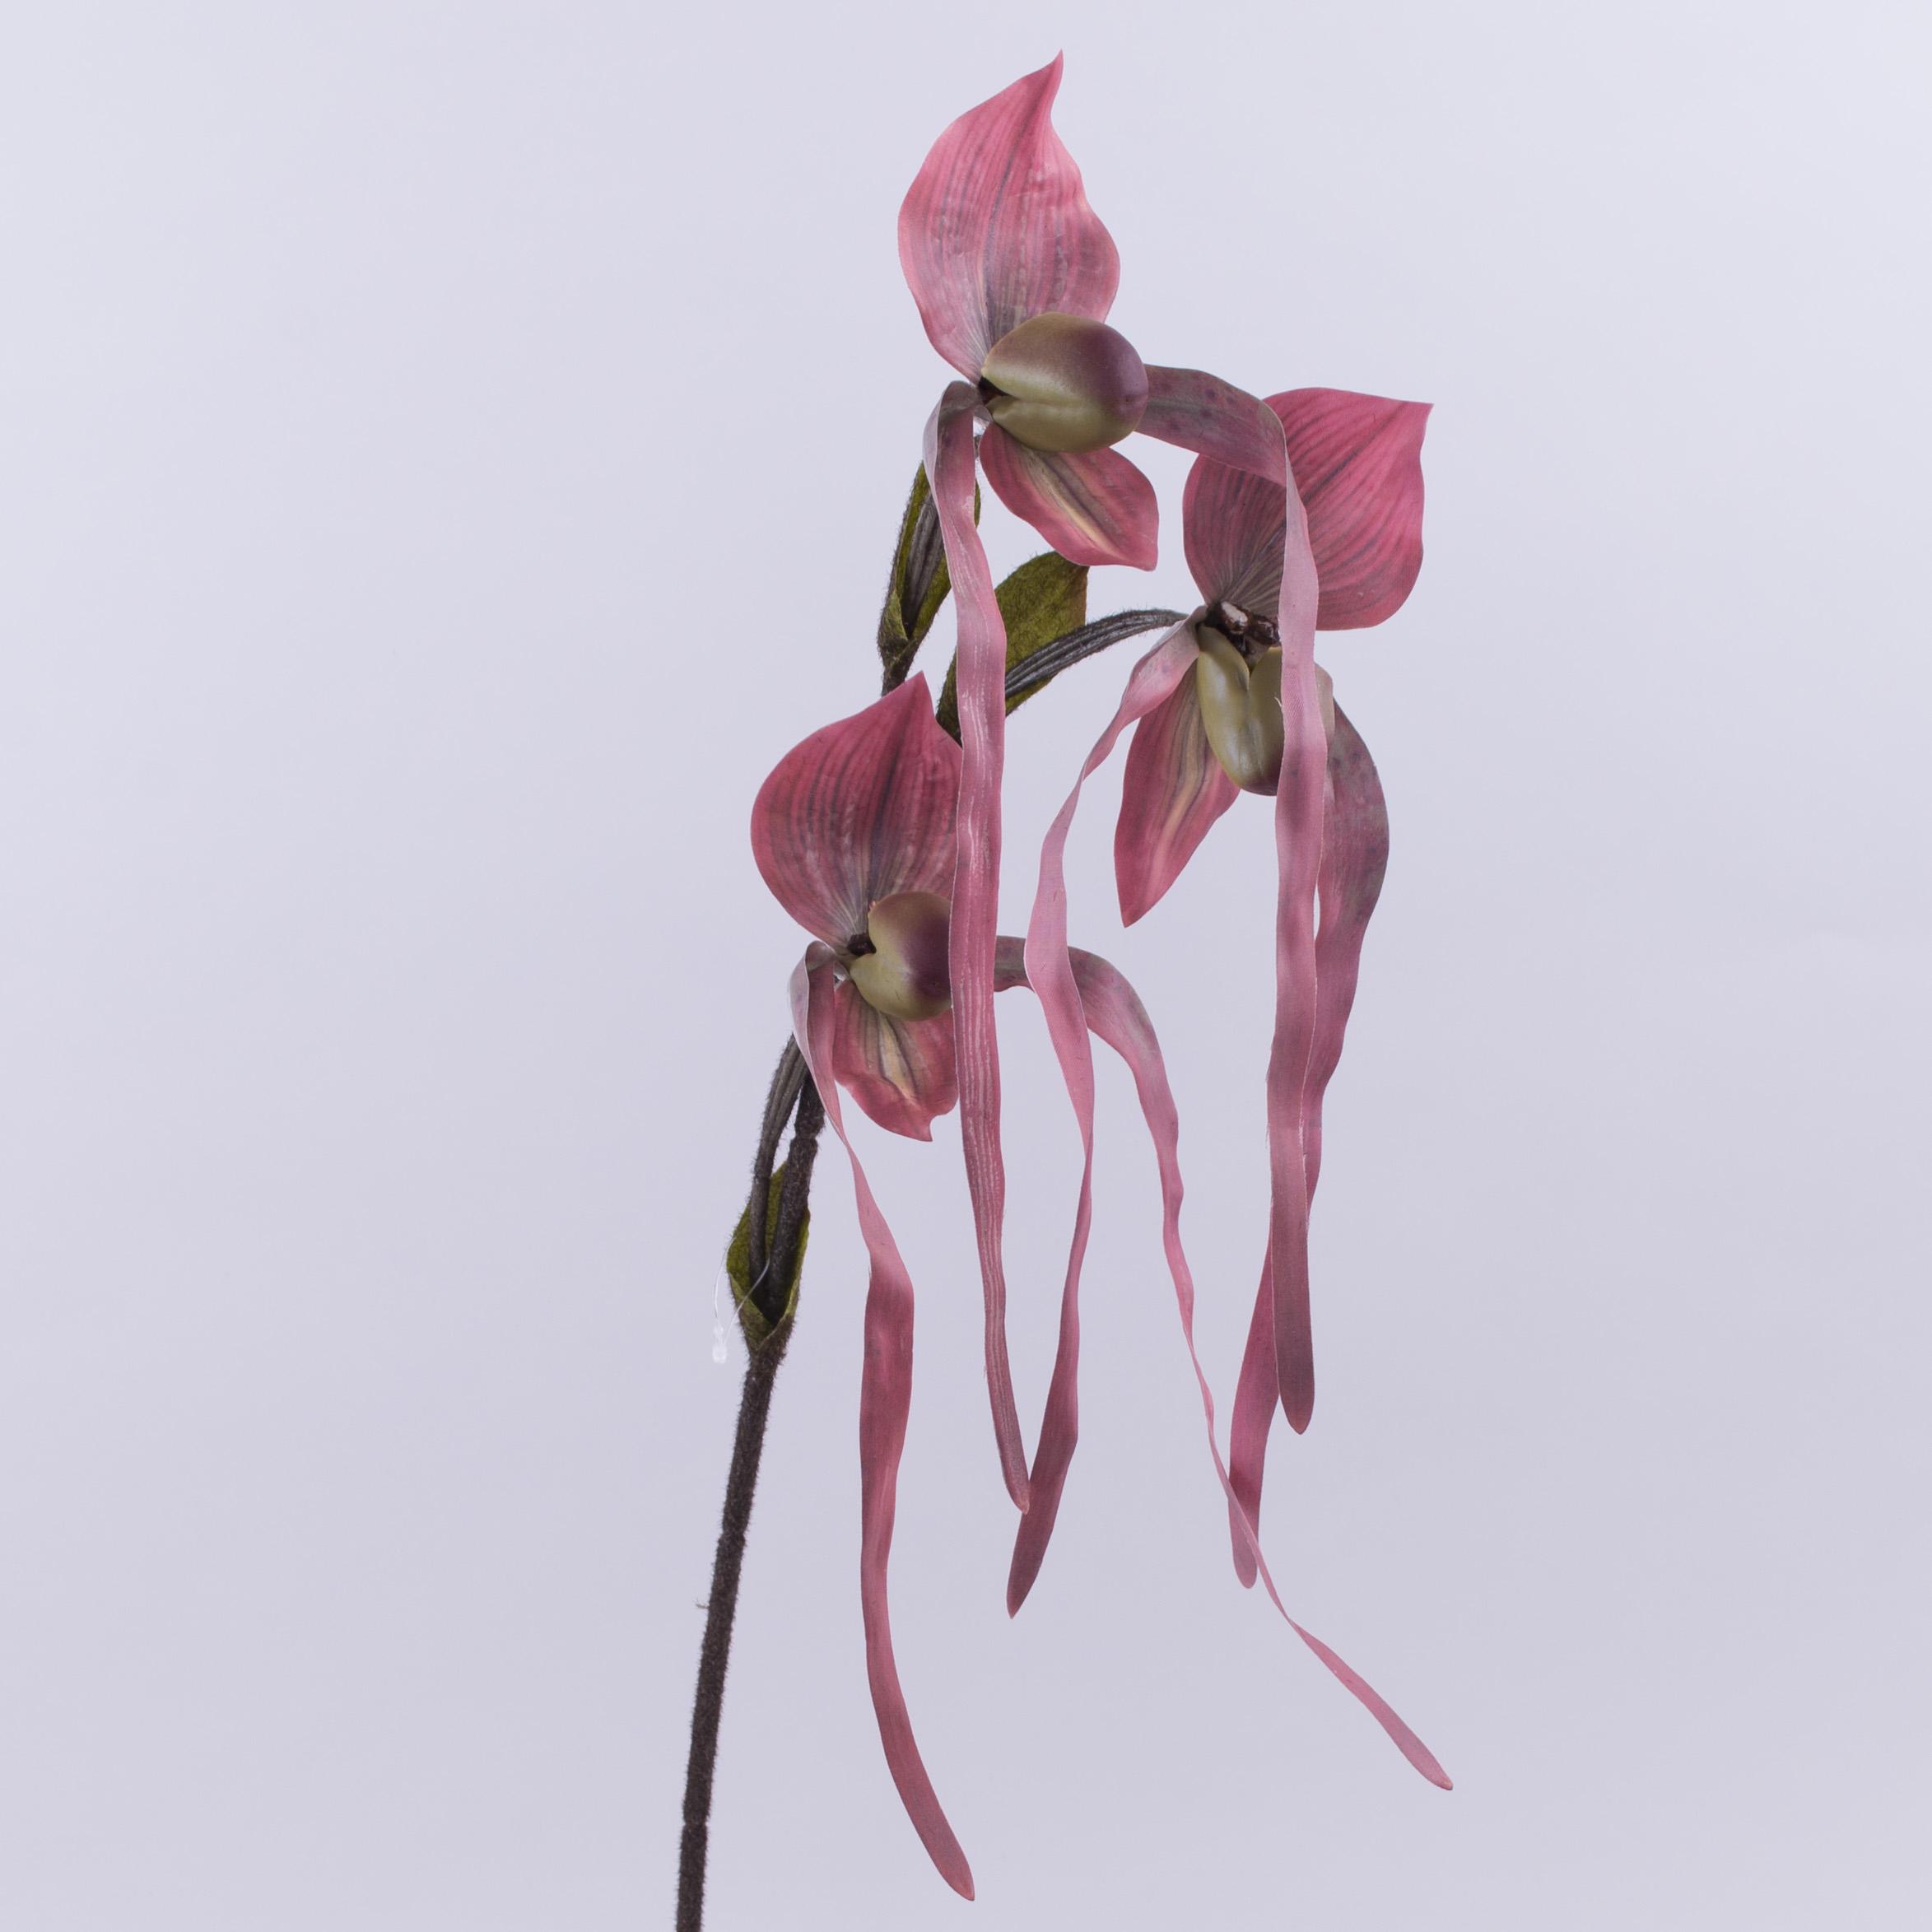 квіти орхідея тигрова звисаюча сливова